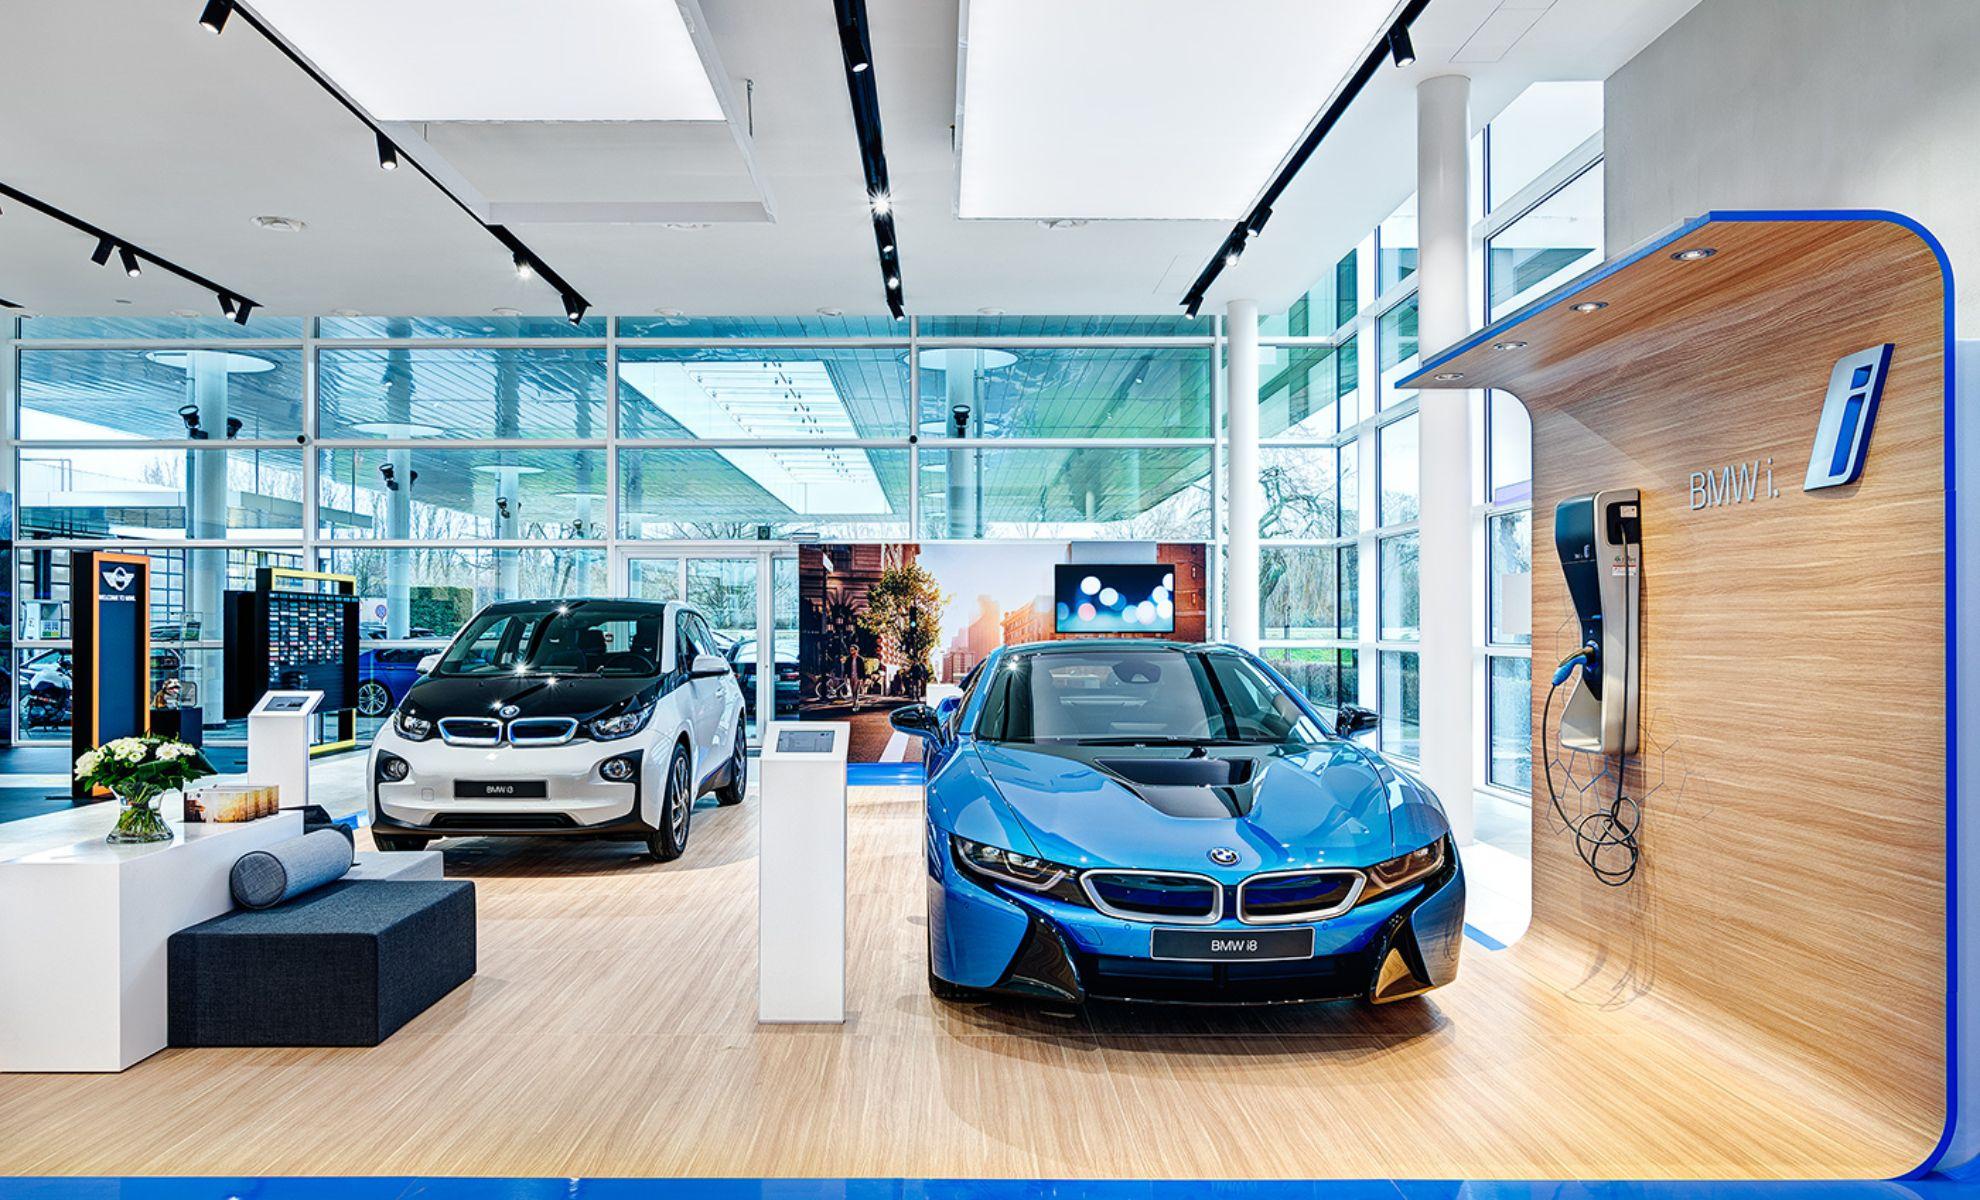 Marketing online cho showroom ô tô: Bí quyết thúc đẩy doanh số tăng trưởng mạnh